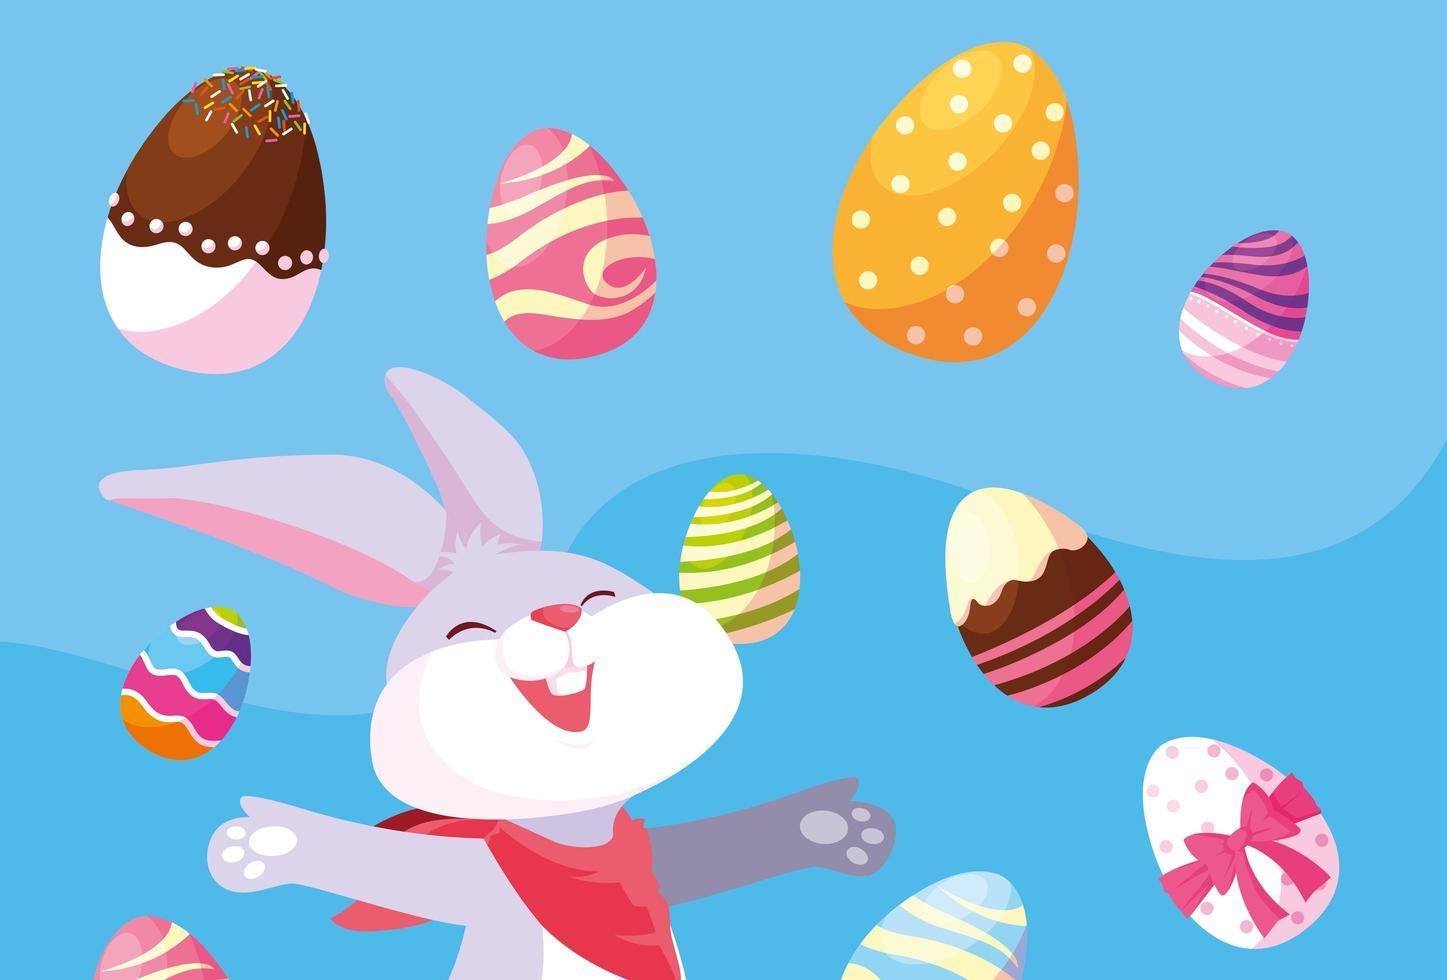 konijn met eieren van Pasen vector